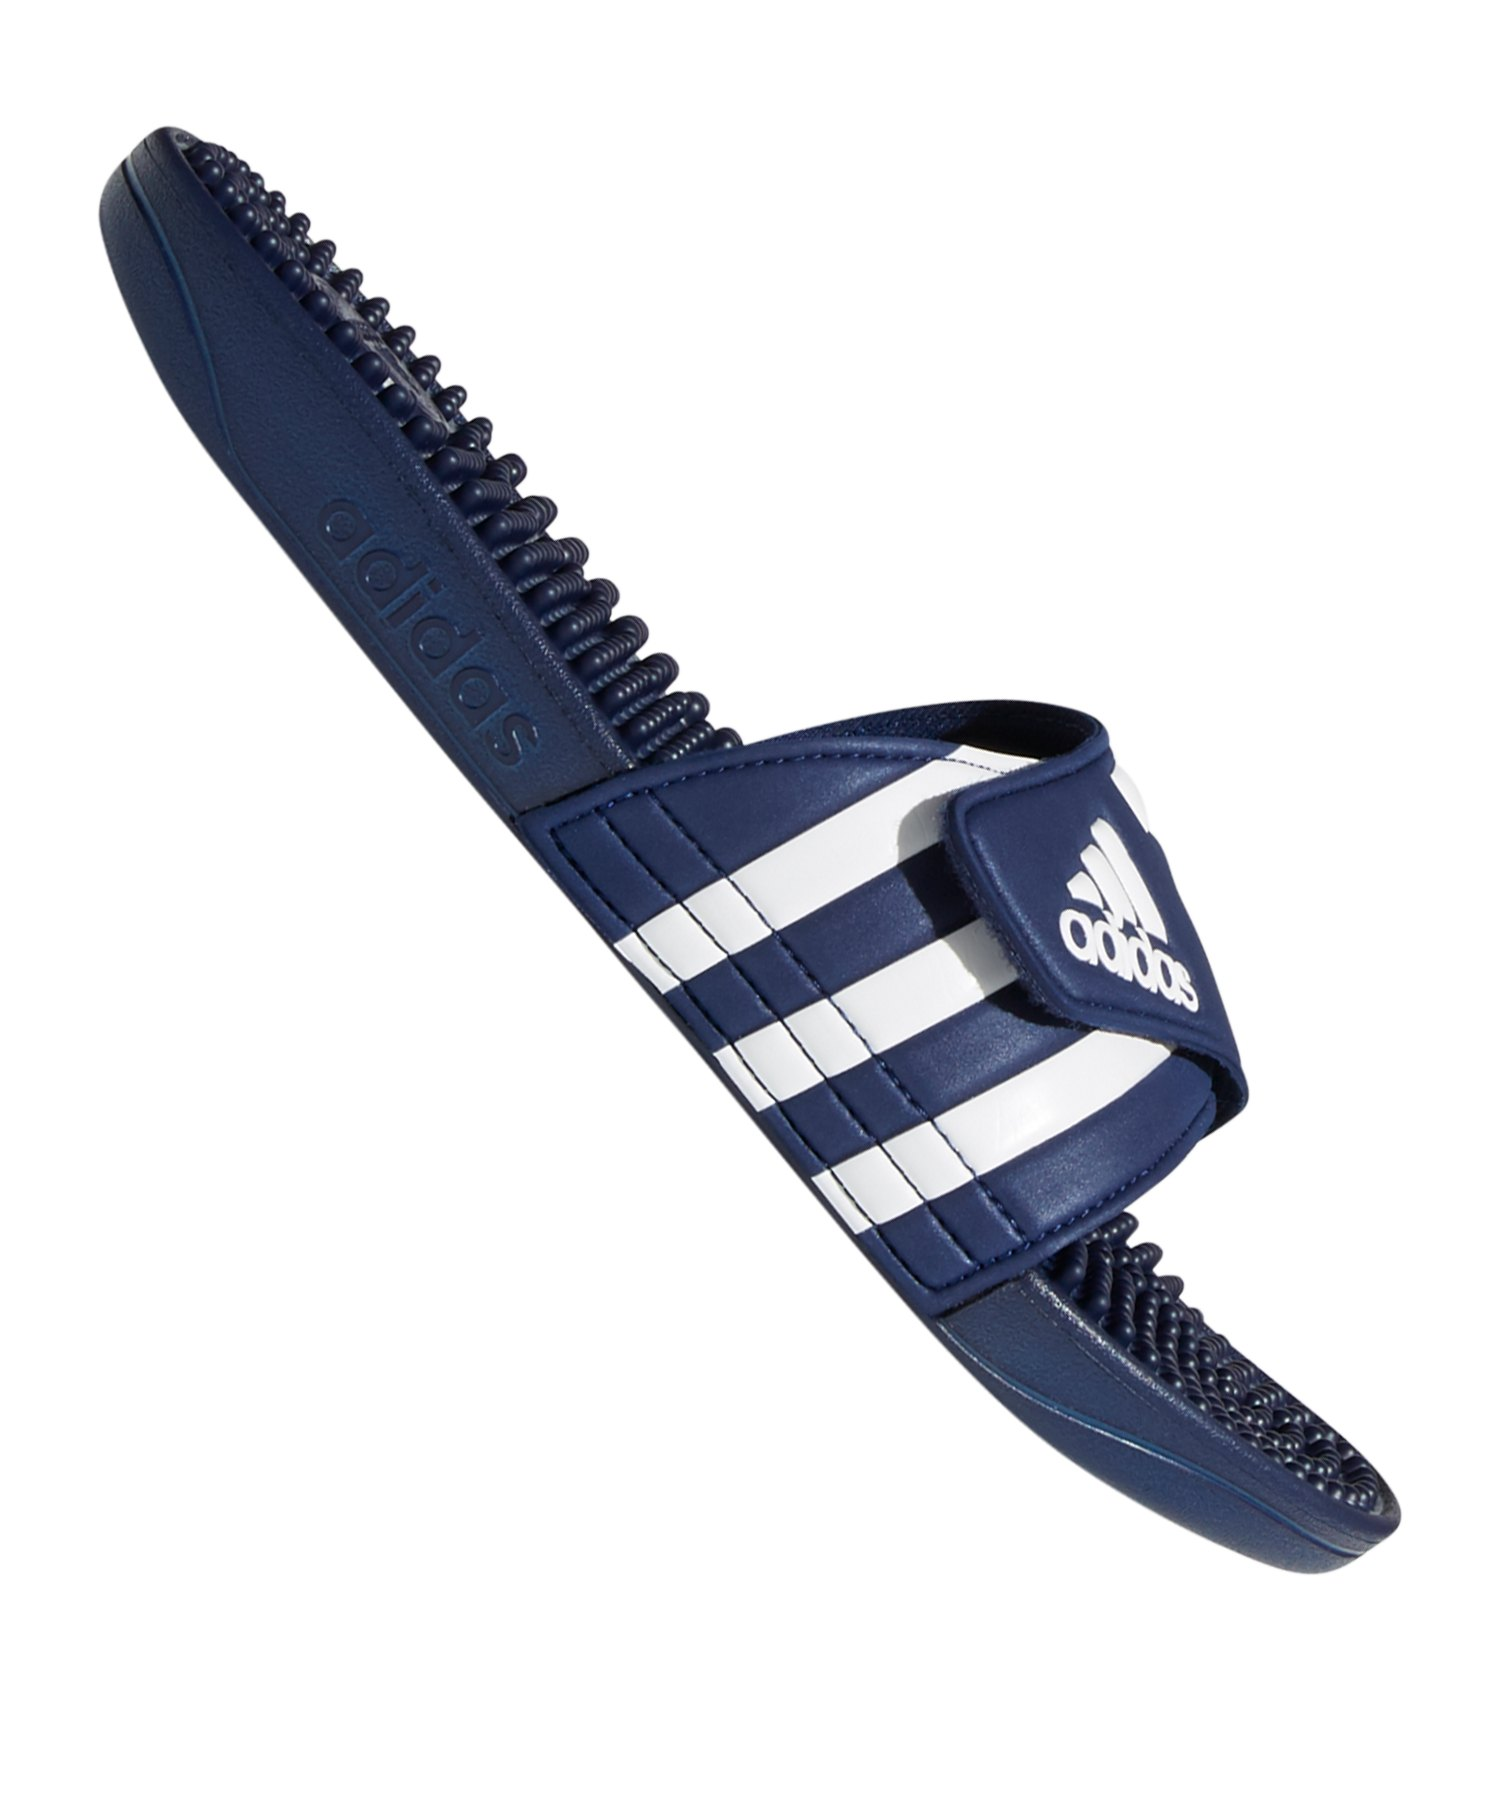 adidas Adissage Badelatsche Blau Weiss - blau